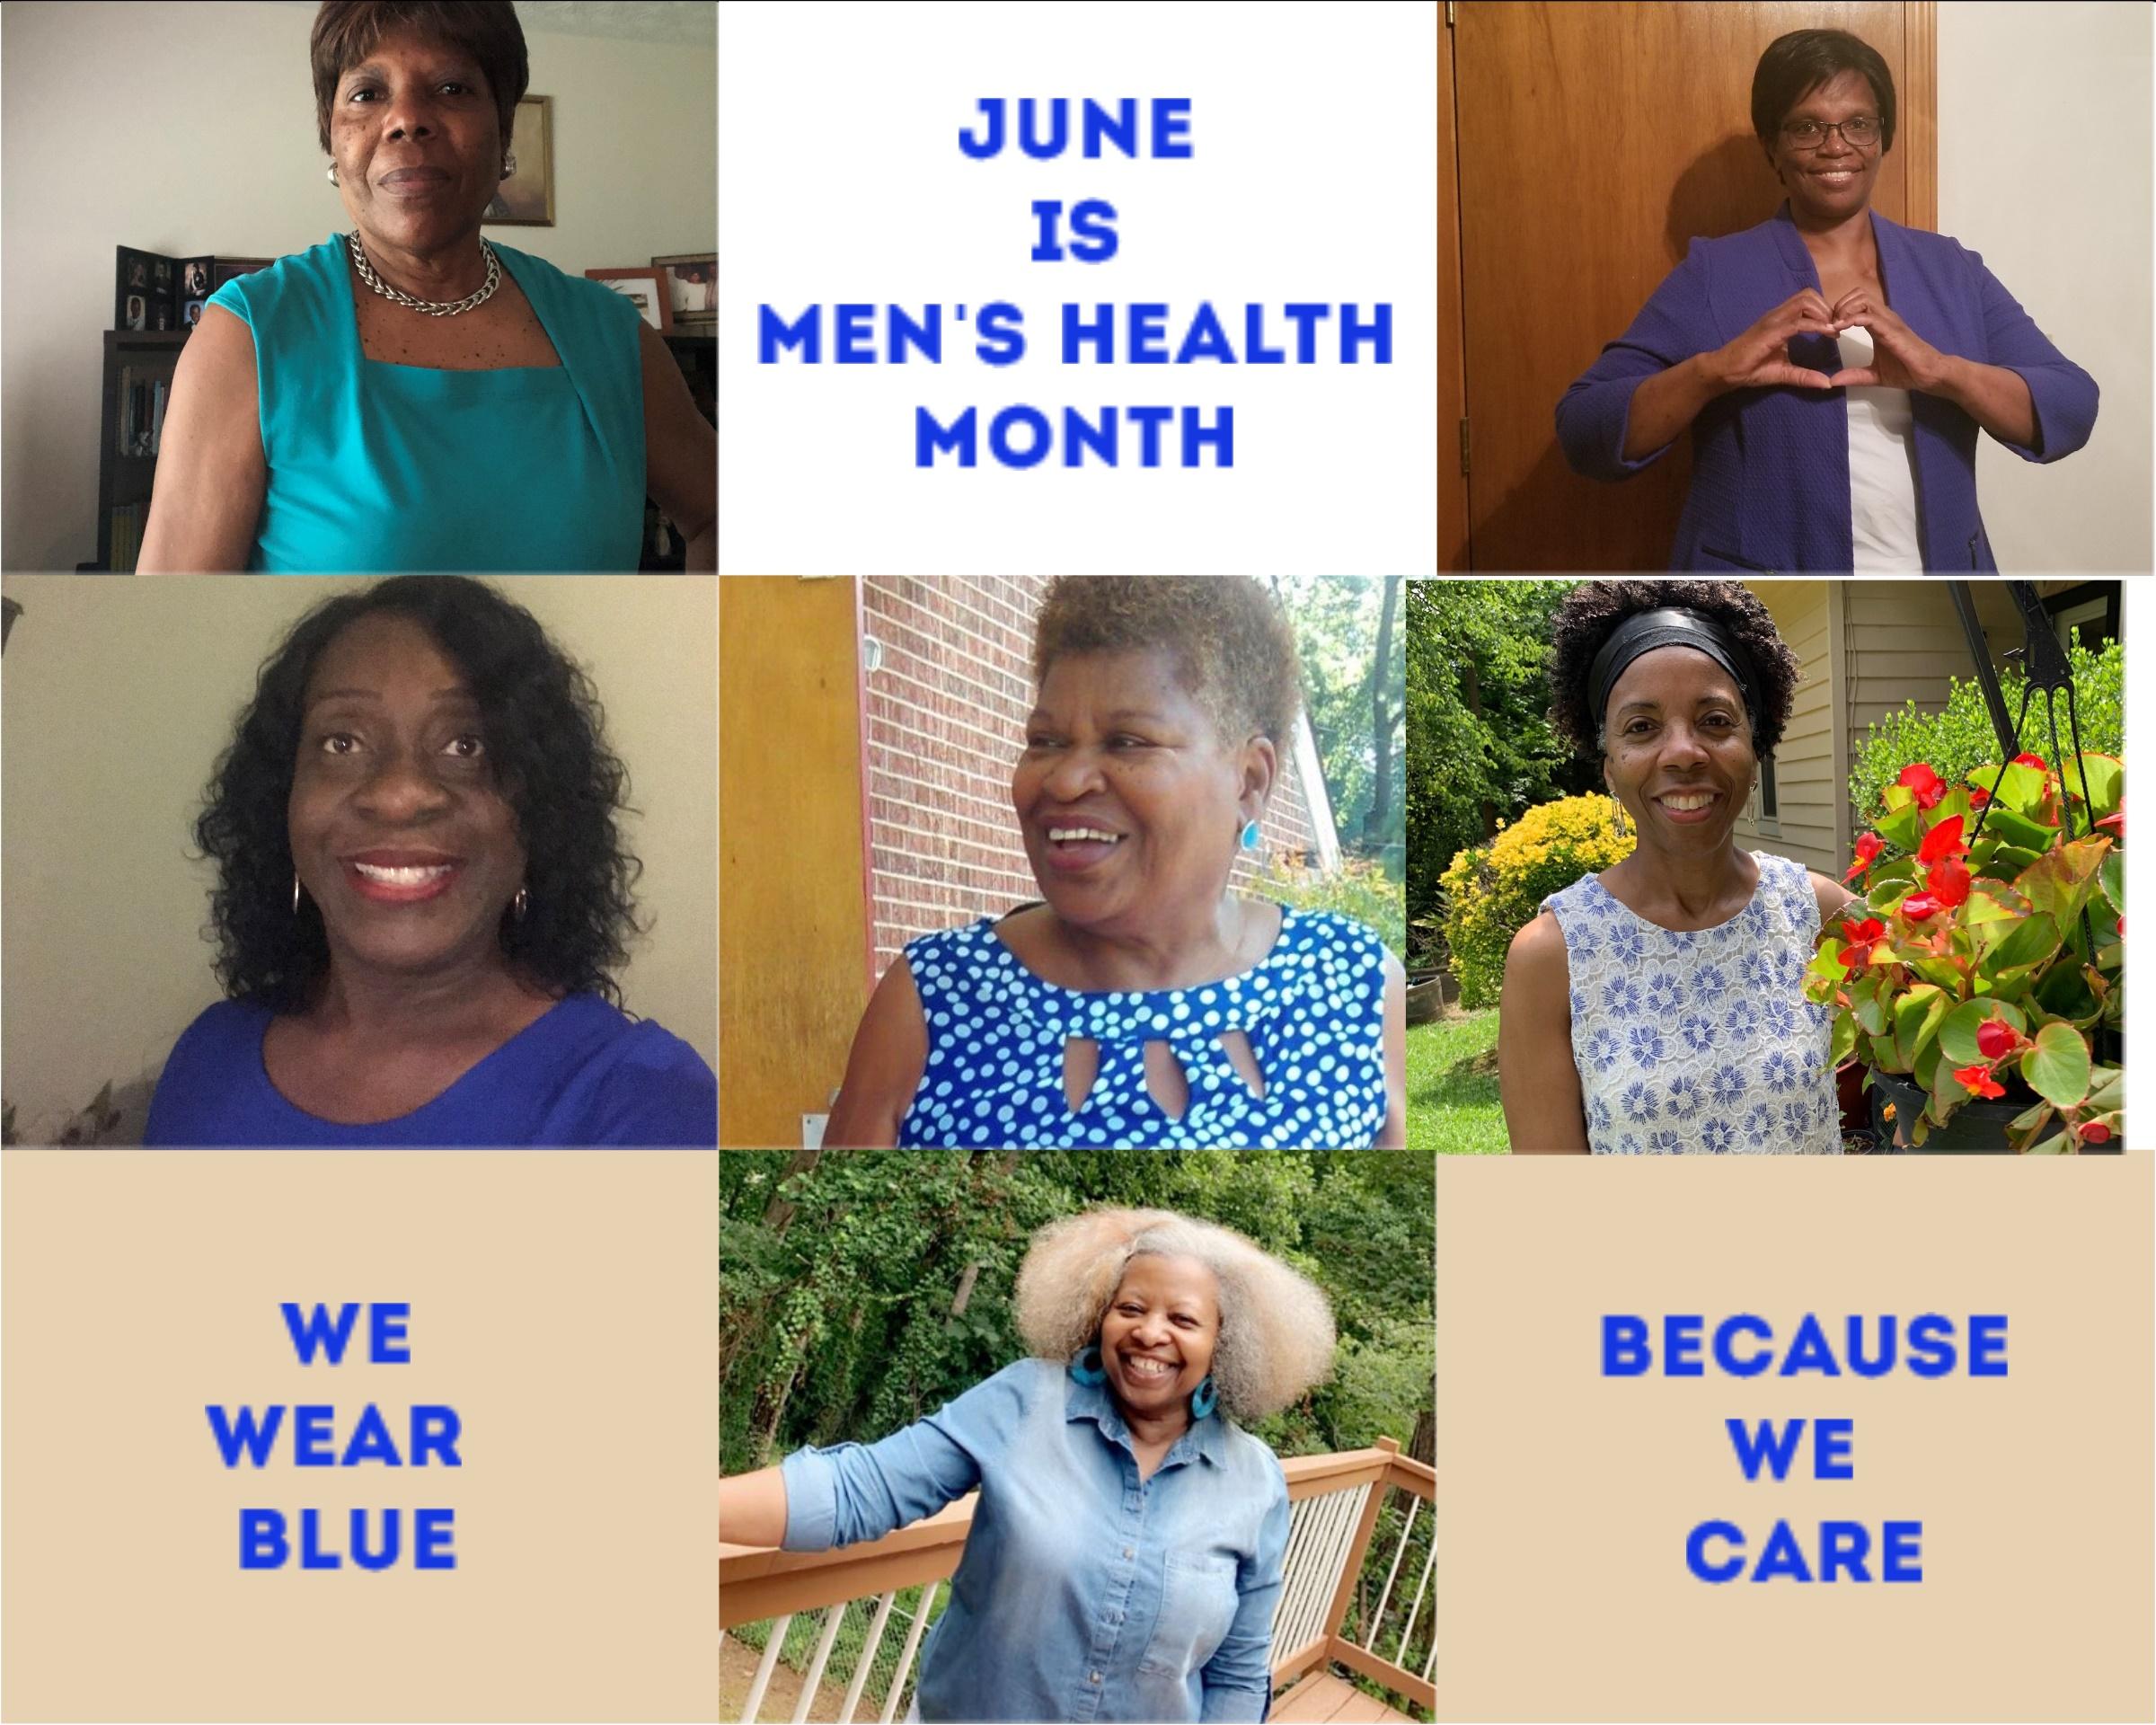 June 2020 - Men's Health